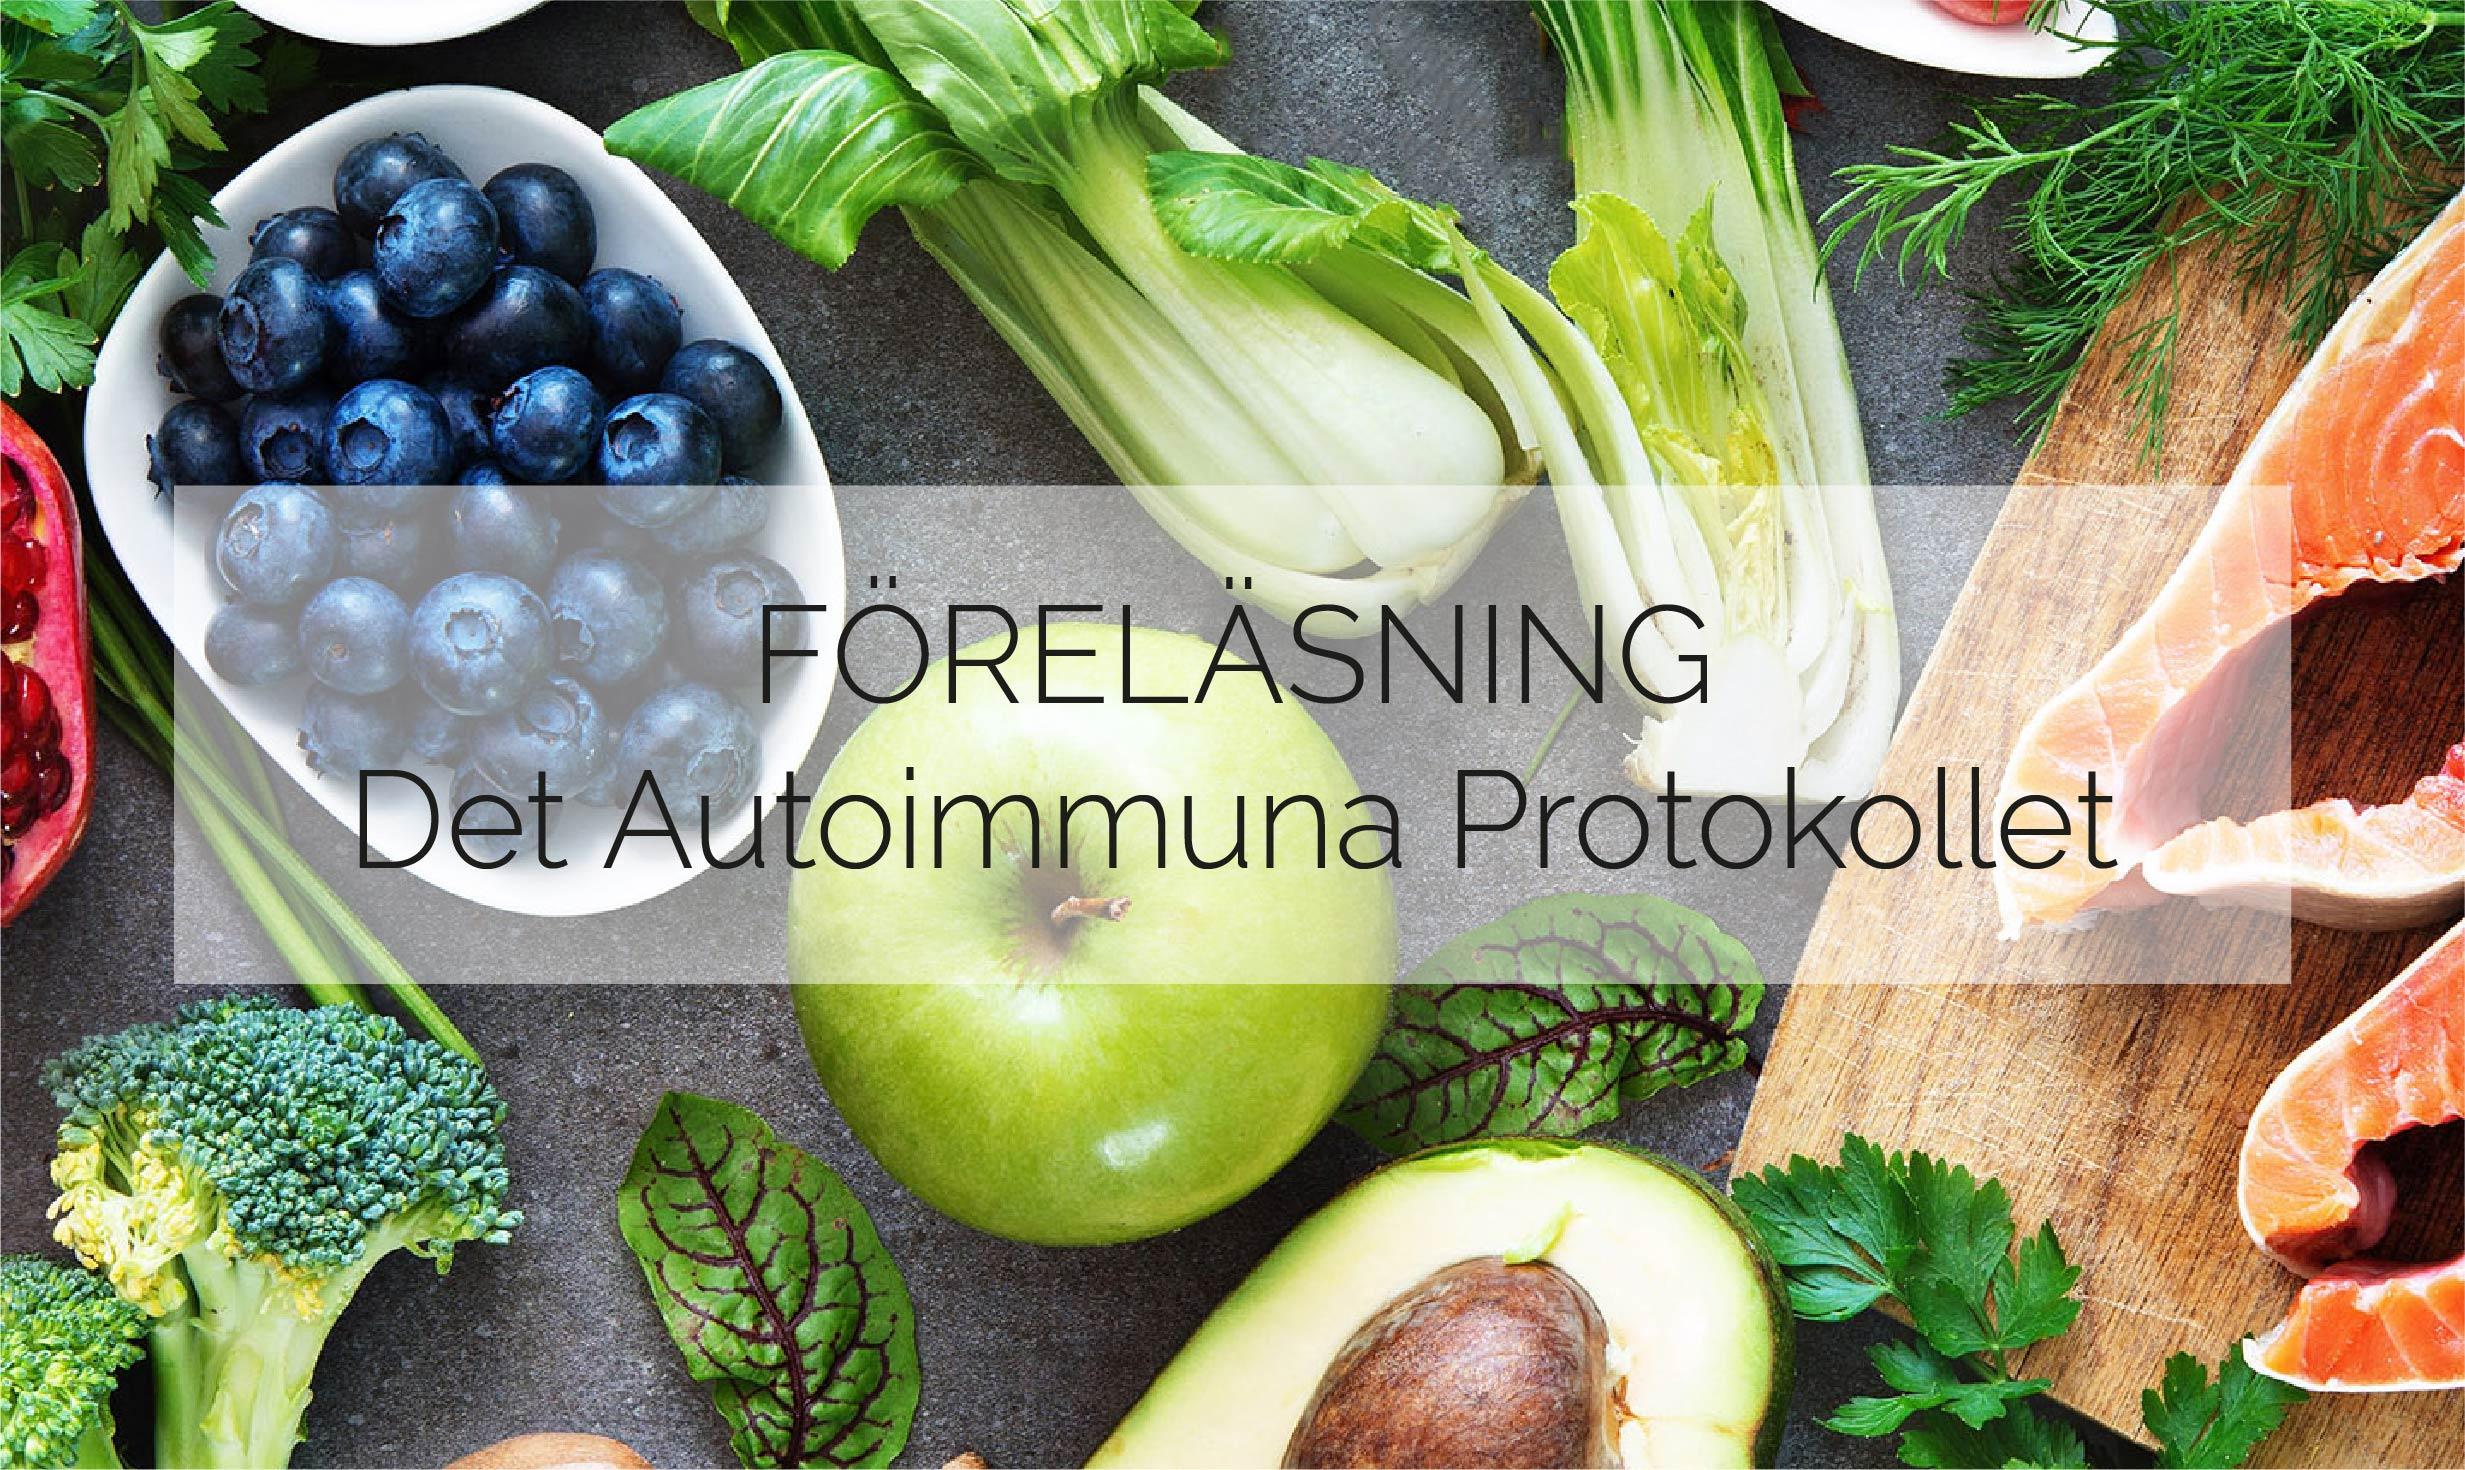 AIP, Autoimmuna protokollet vt20